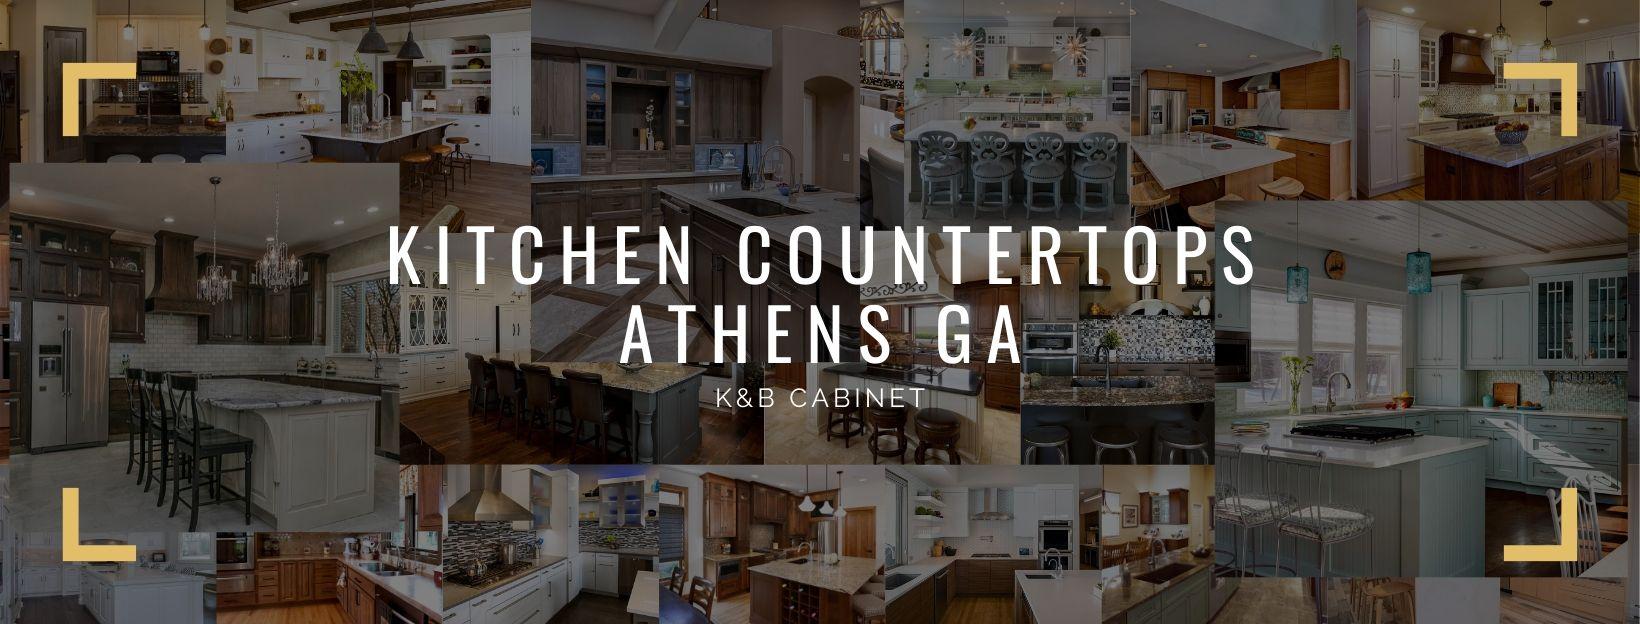 Kitchen Countertops Athens GA